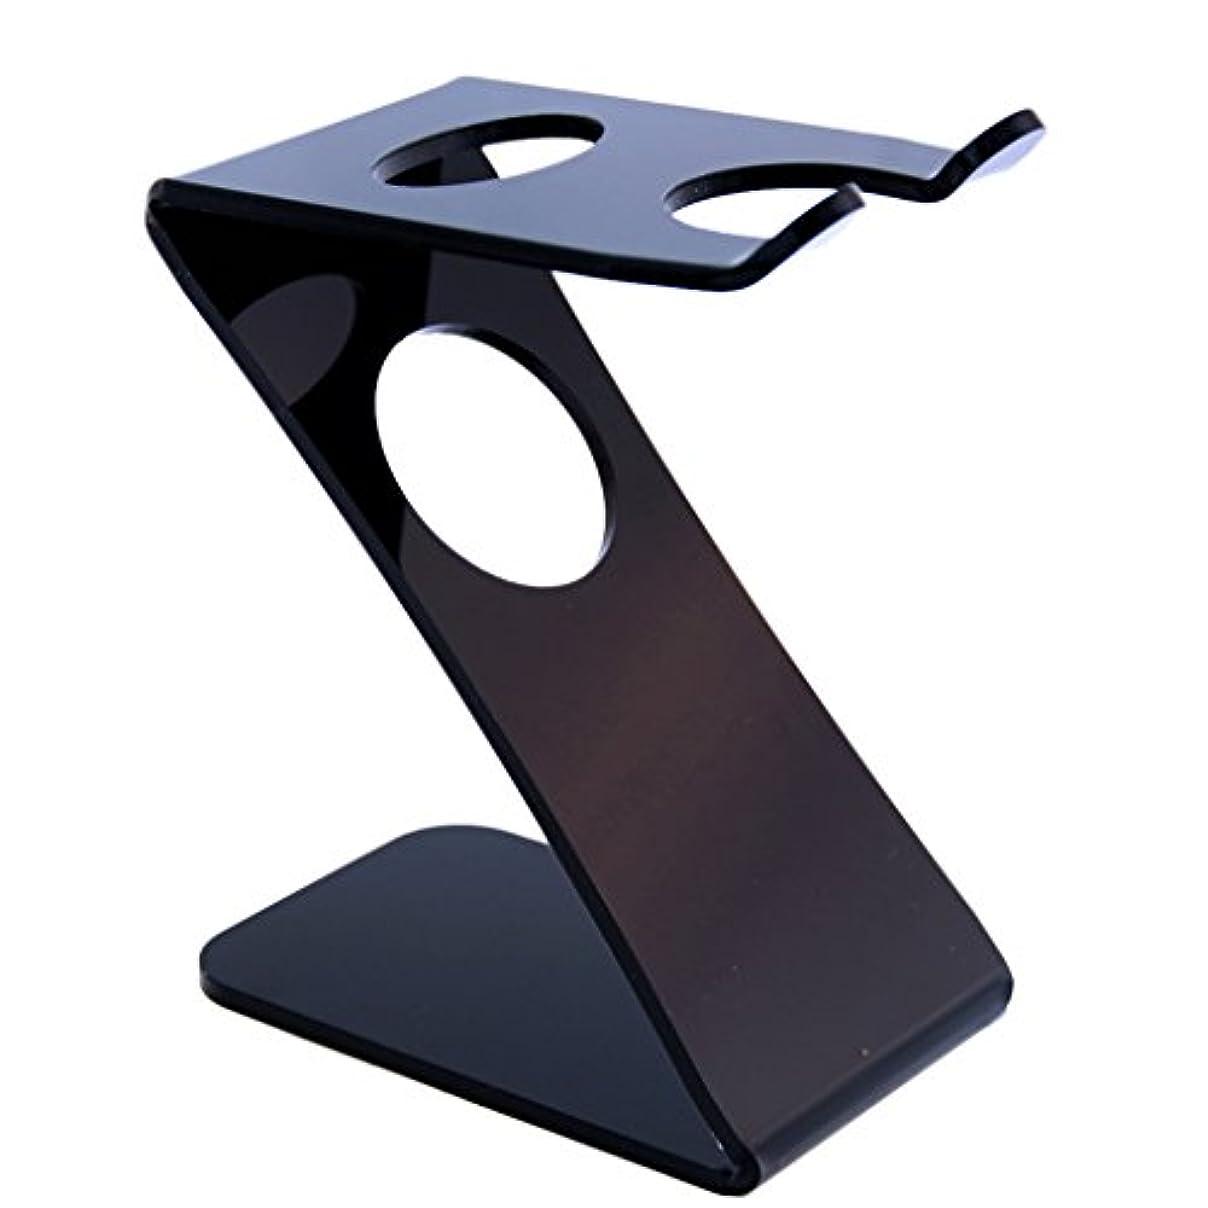 多用途レコーダーのスコアプラスチック シェービングブラシ用 髭剃り ホルダー スタンド ブラック 清潔 乾く安い